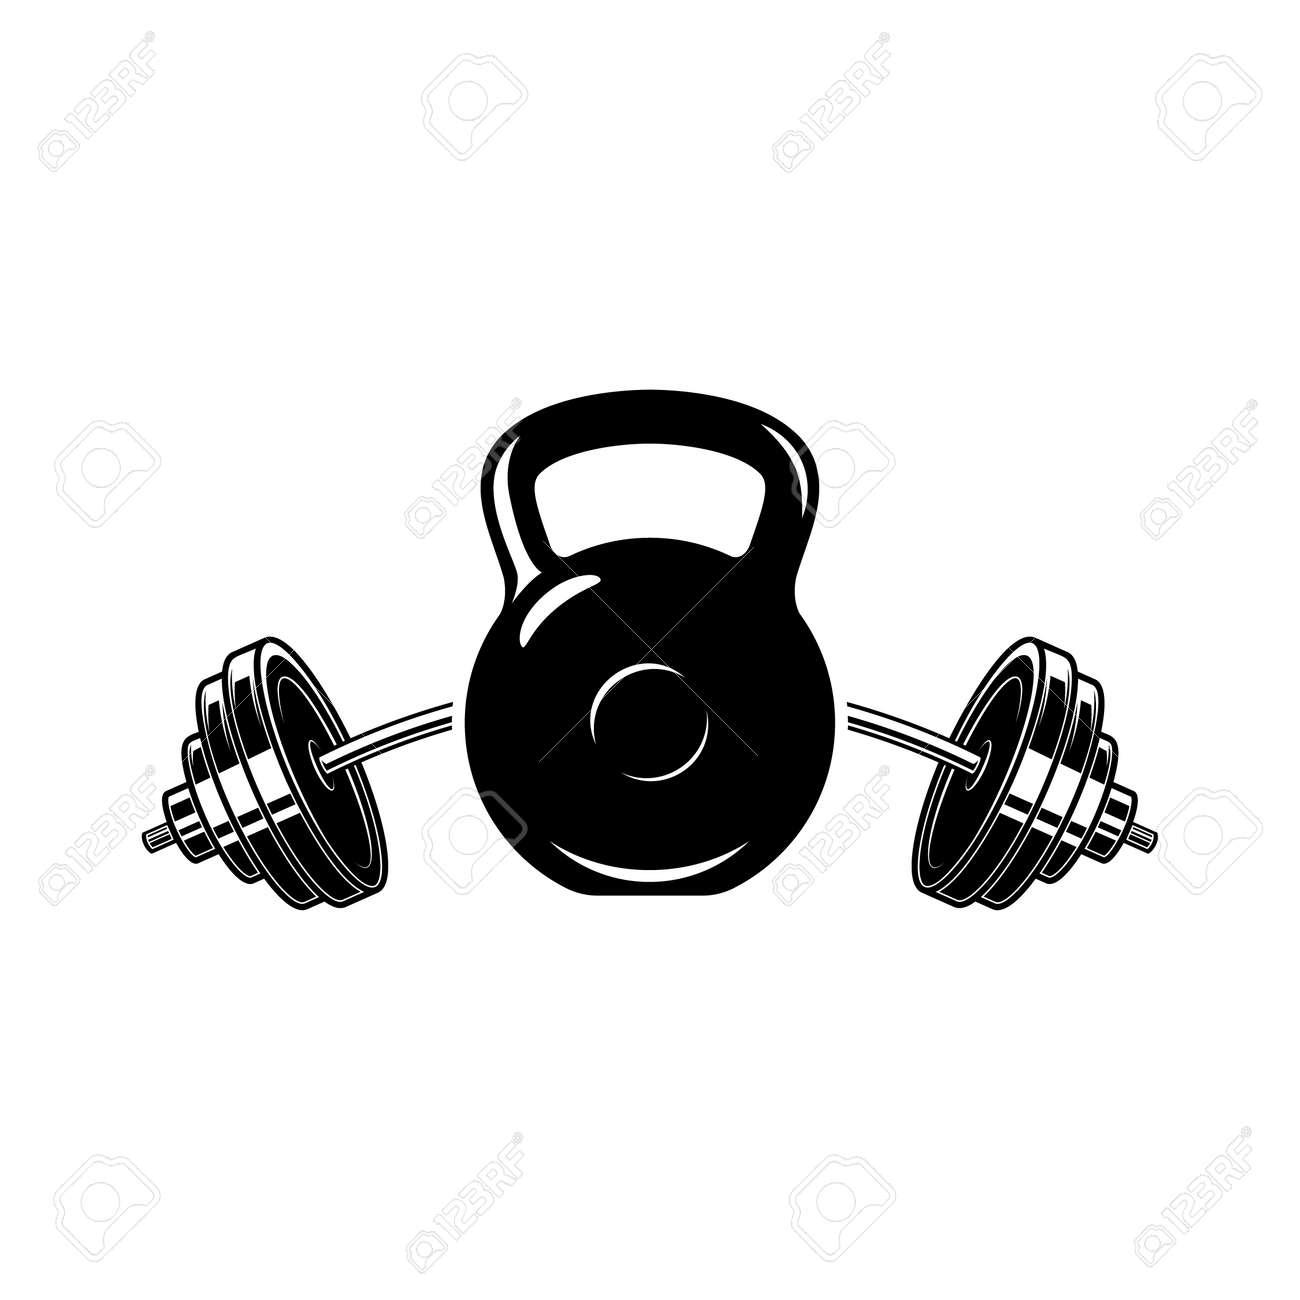 Illustration of kettlebell and barbell. Design element for logo, label, sign, emblem, poster. Vector illustration - 171625079